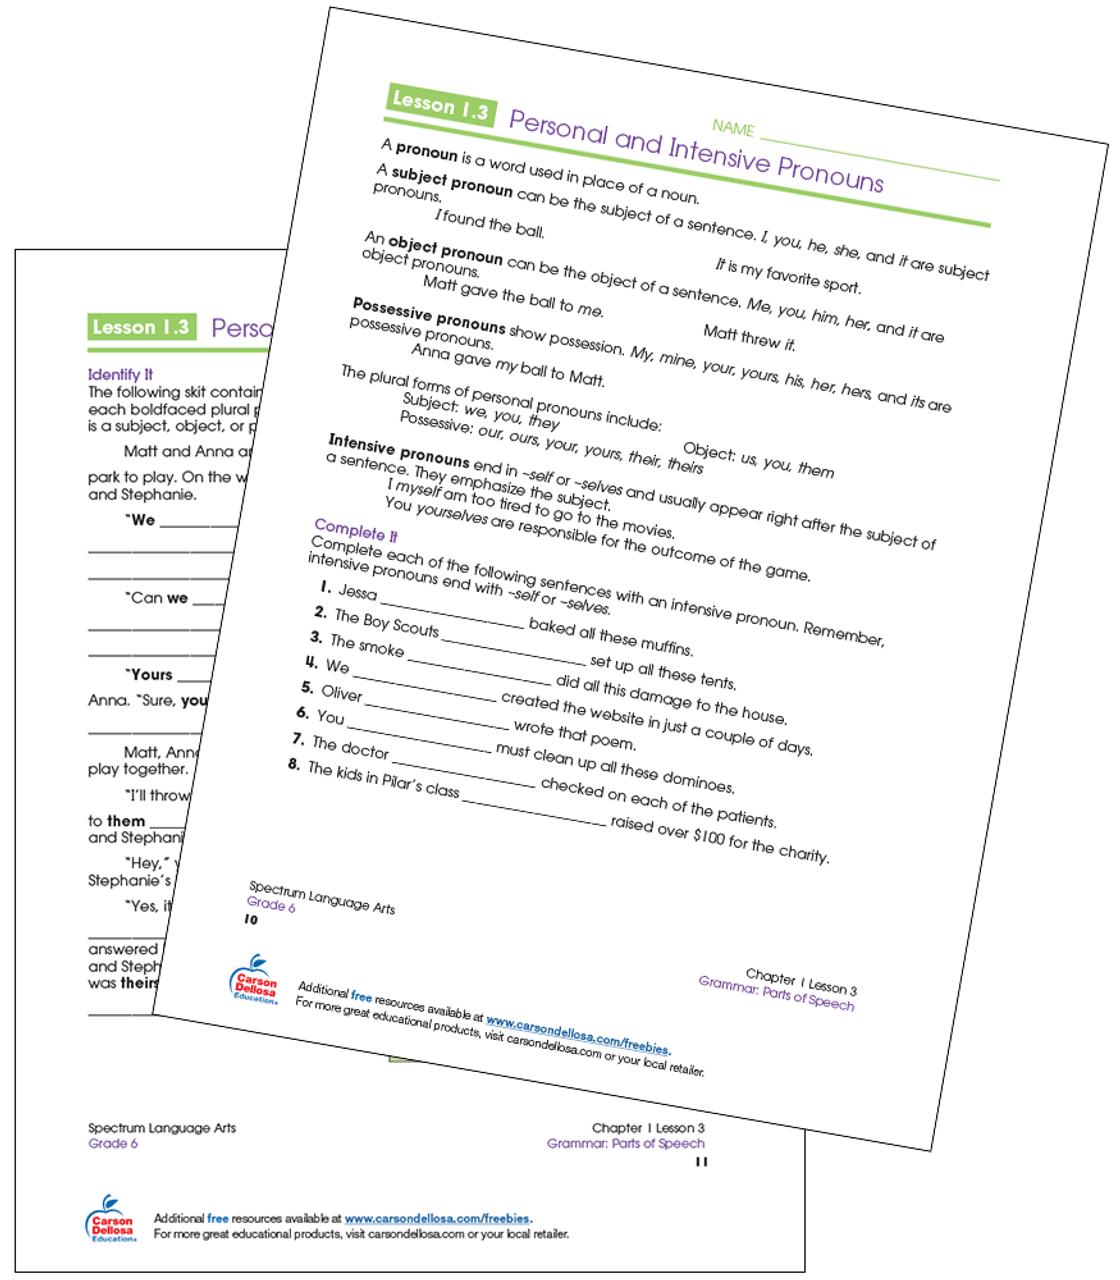 Personal and Intensive Pronouns Grade 6 Free Printable   Carson Dellosa [ 1280 x 1120 Pixel ]